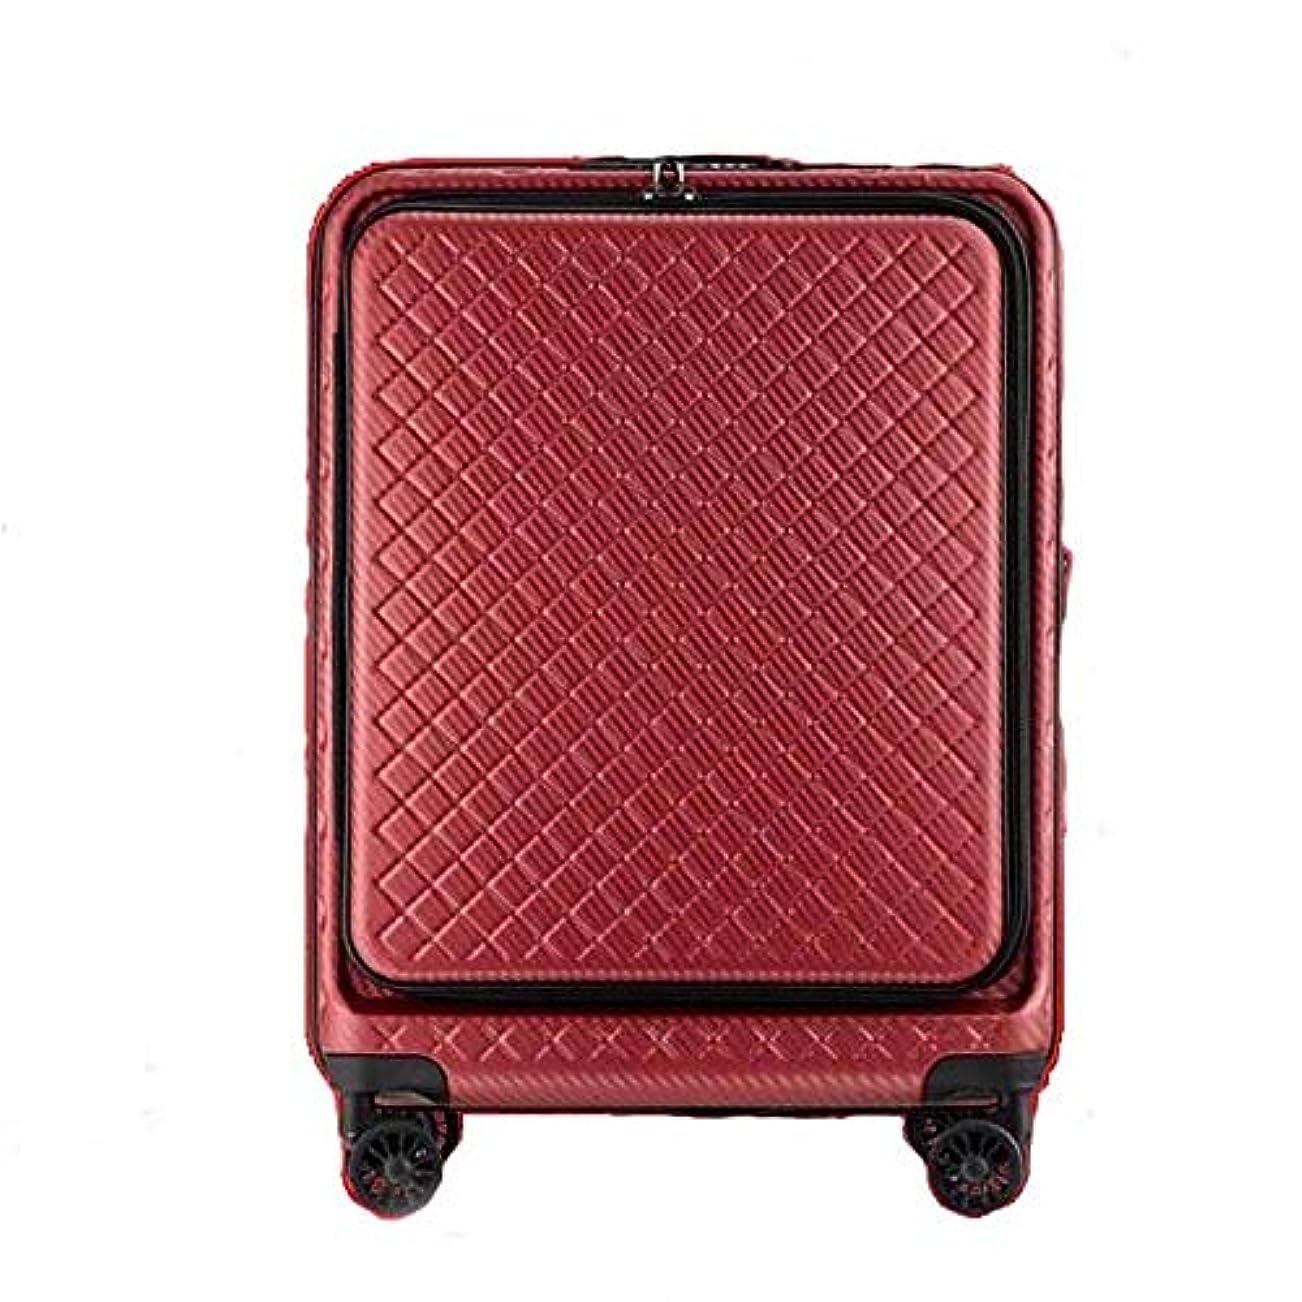 上陸領域落ち込んでいる(FUNNファン)2020モデル 機内持込 41Lから53Lへ容量変更 充電用 USBポート付 TSAロック 新型スーツケース キャリーケース キャリーバッグ トラベルバッグ 超軽量 マット加工 BN8018 Sサイズ